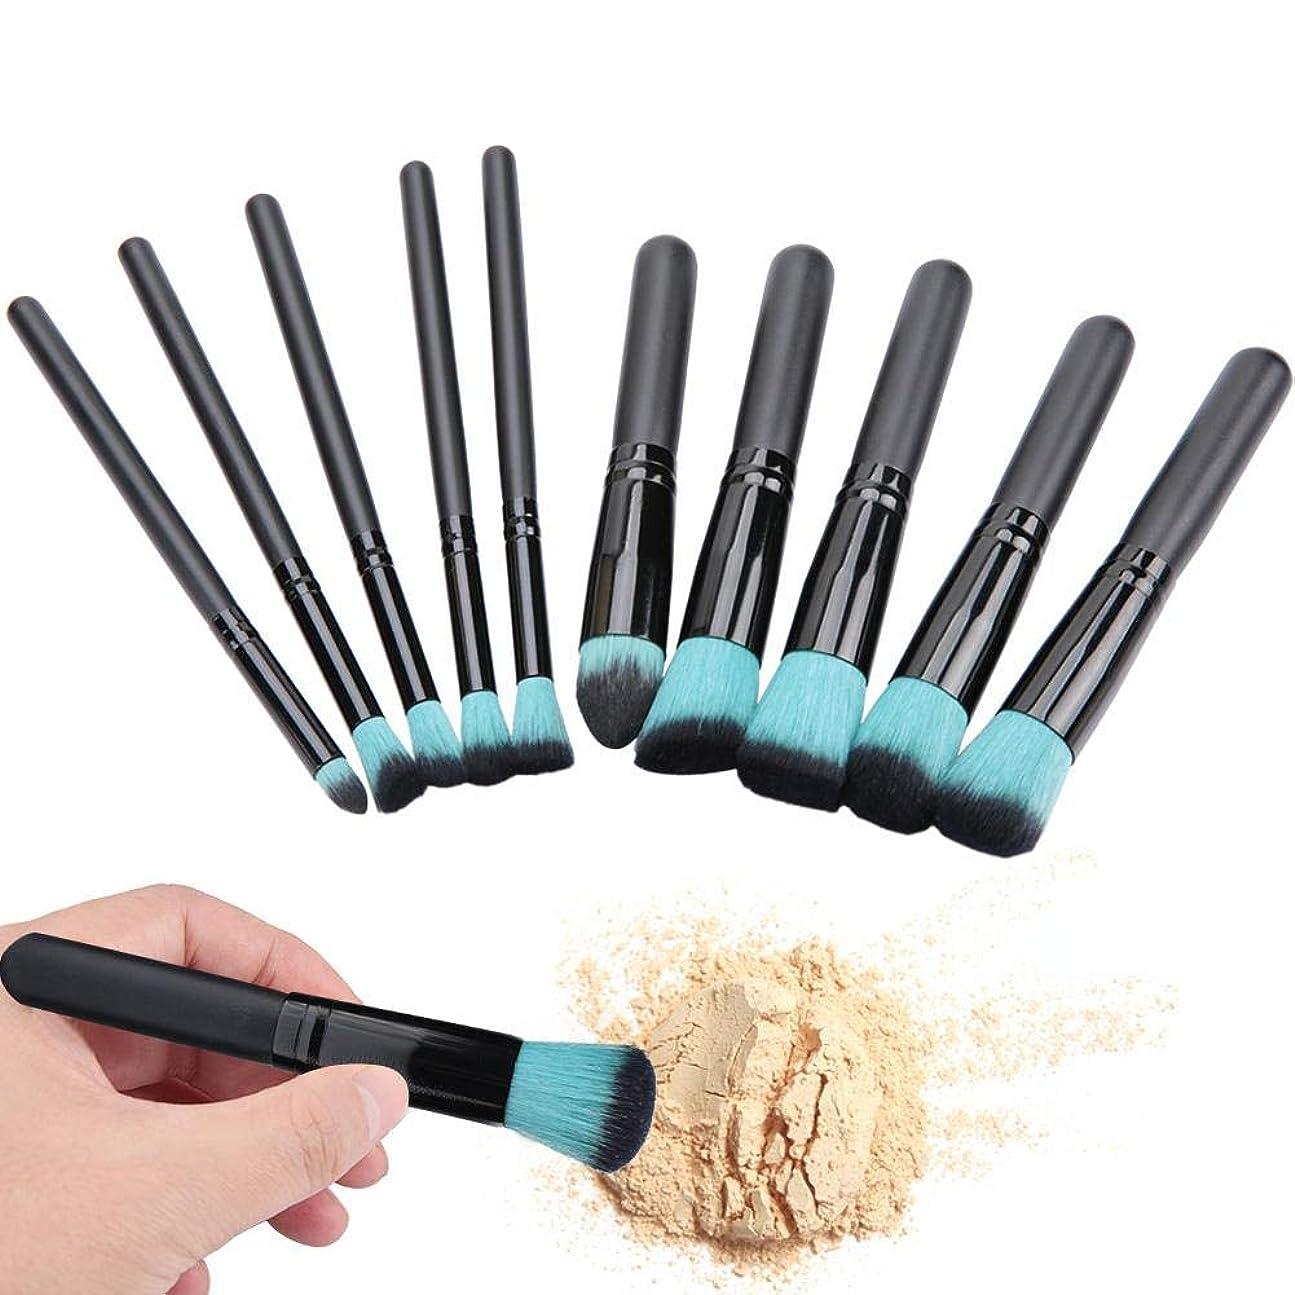 農村クモ暖炉化粧筆セット 5本大きいブラシ 5本小さいブラシ 化粧道具(3#)